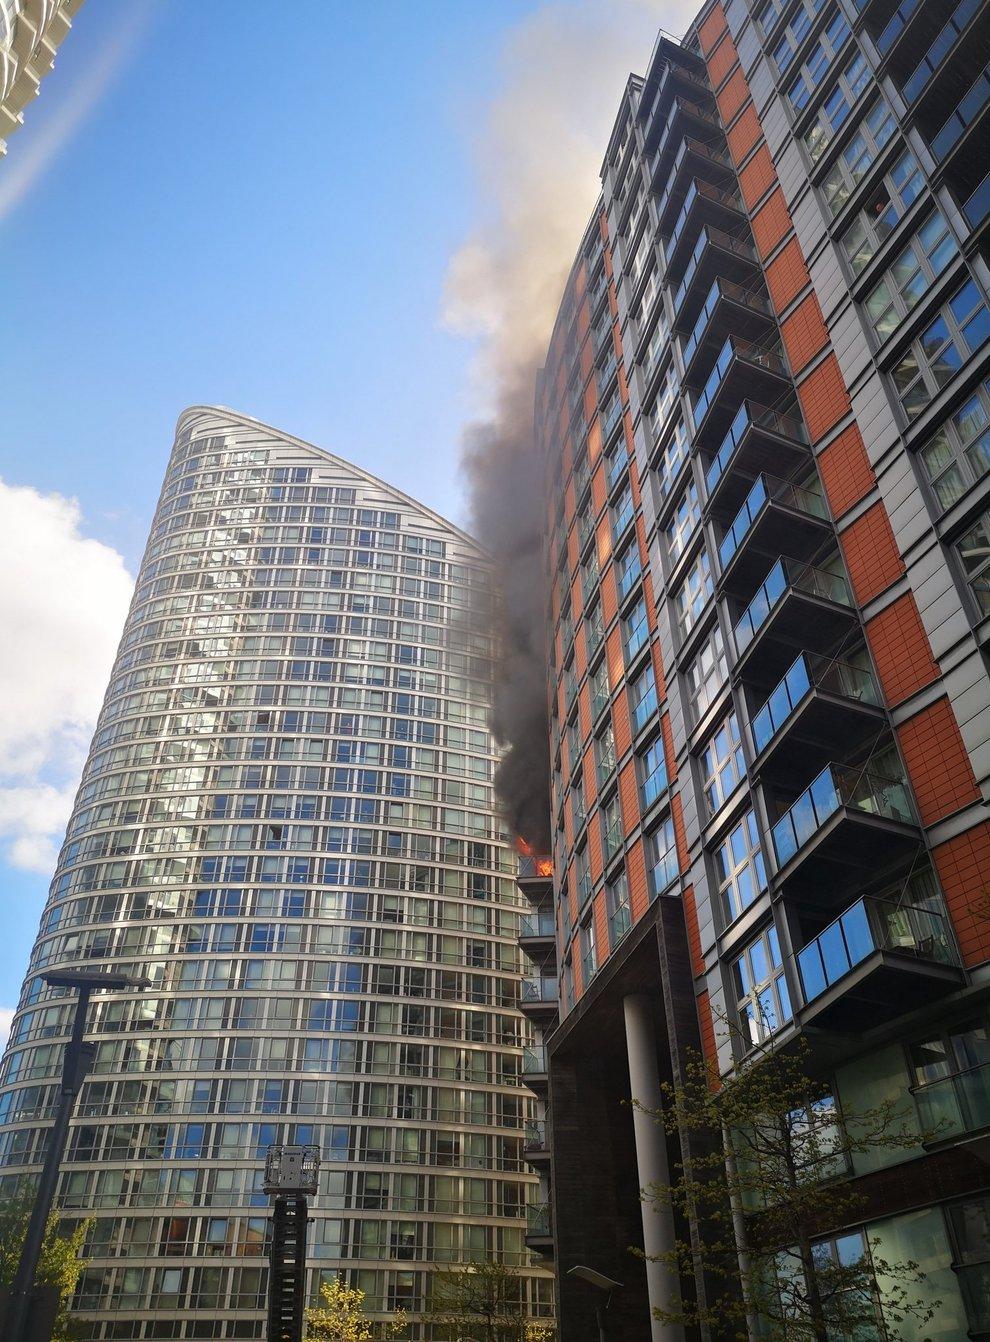 Canary Wharf fire